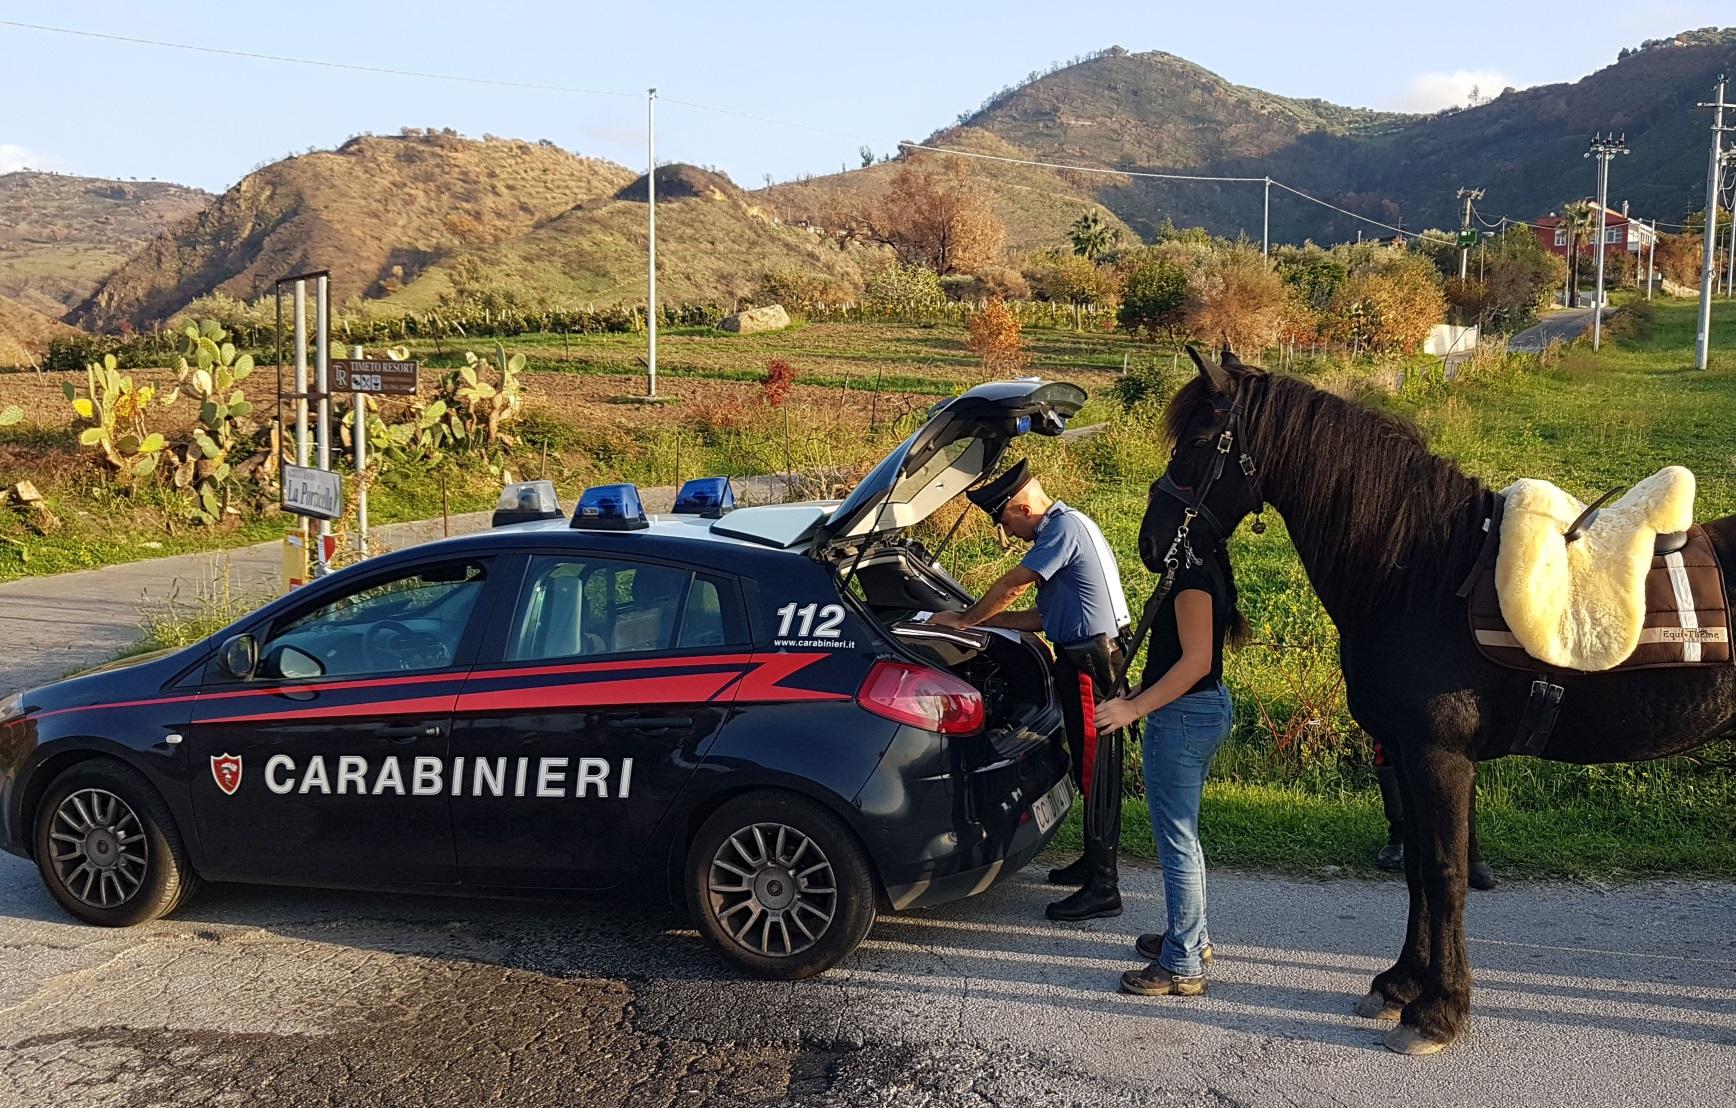 Messina: Corse clandestine dei cavalli, 9 provvedimenti cautelari